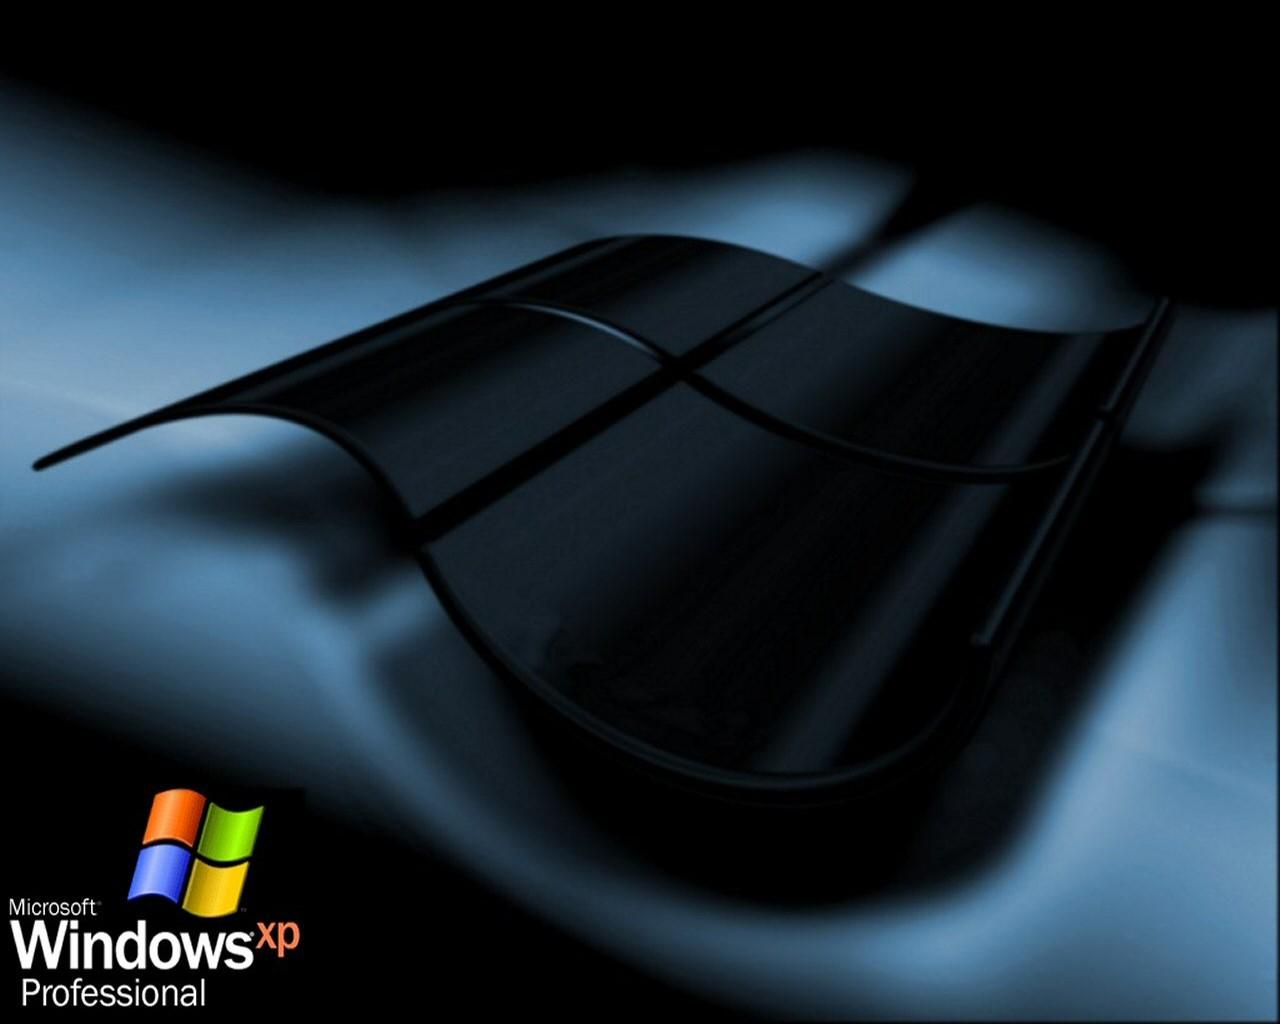 http://4.bp.blogspot.com/-qUmMMgfLGcw/TiqIybT_lgI/AAAAAAAACd4/KLzts2MSBEI/s1600/windows+xp+darklin+wallpapers2.jpg